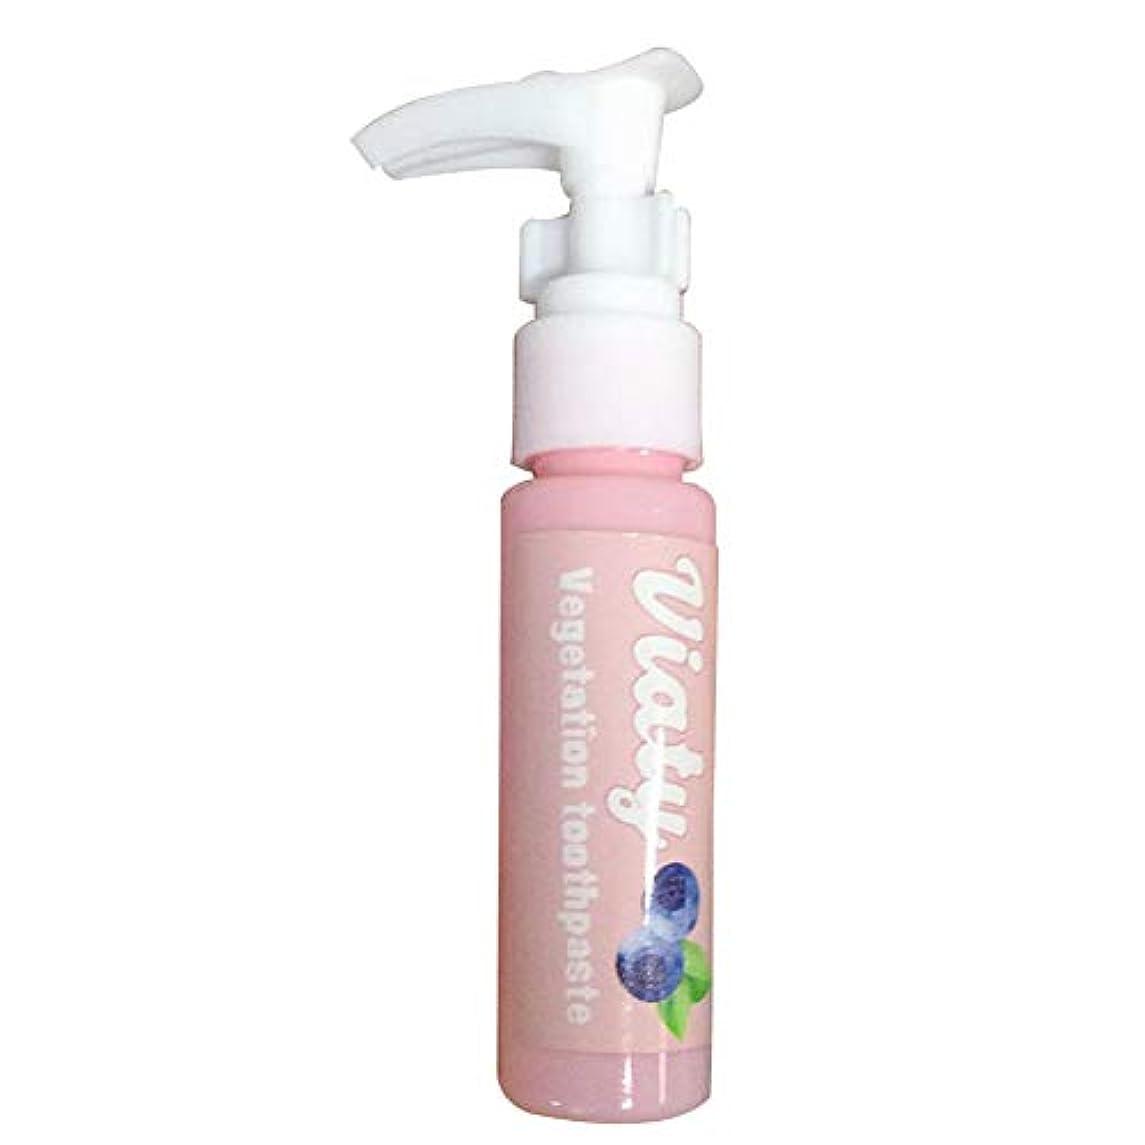 撤回するゾーンお誕生日CoolTack 歯磨き粉を押す旅行ベーキングソーダを白くする装置のフルーティーなベーキングソーダ歯磨き粉